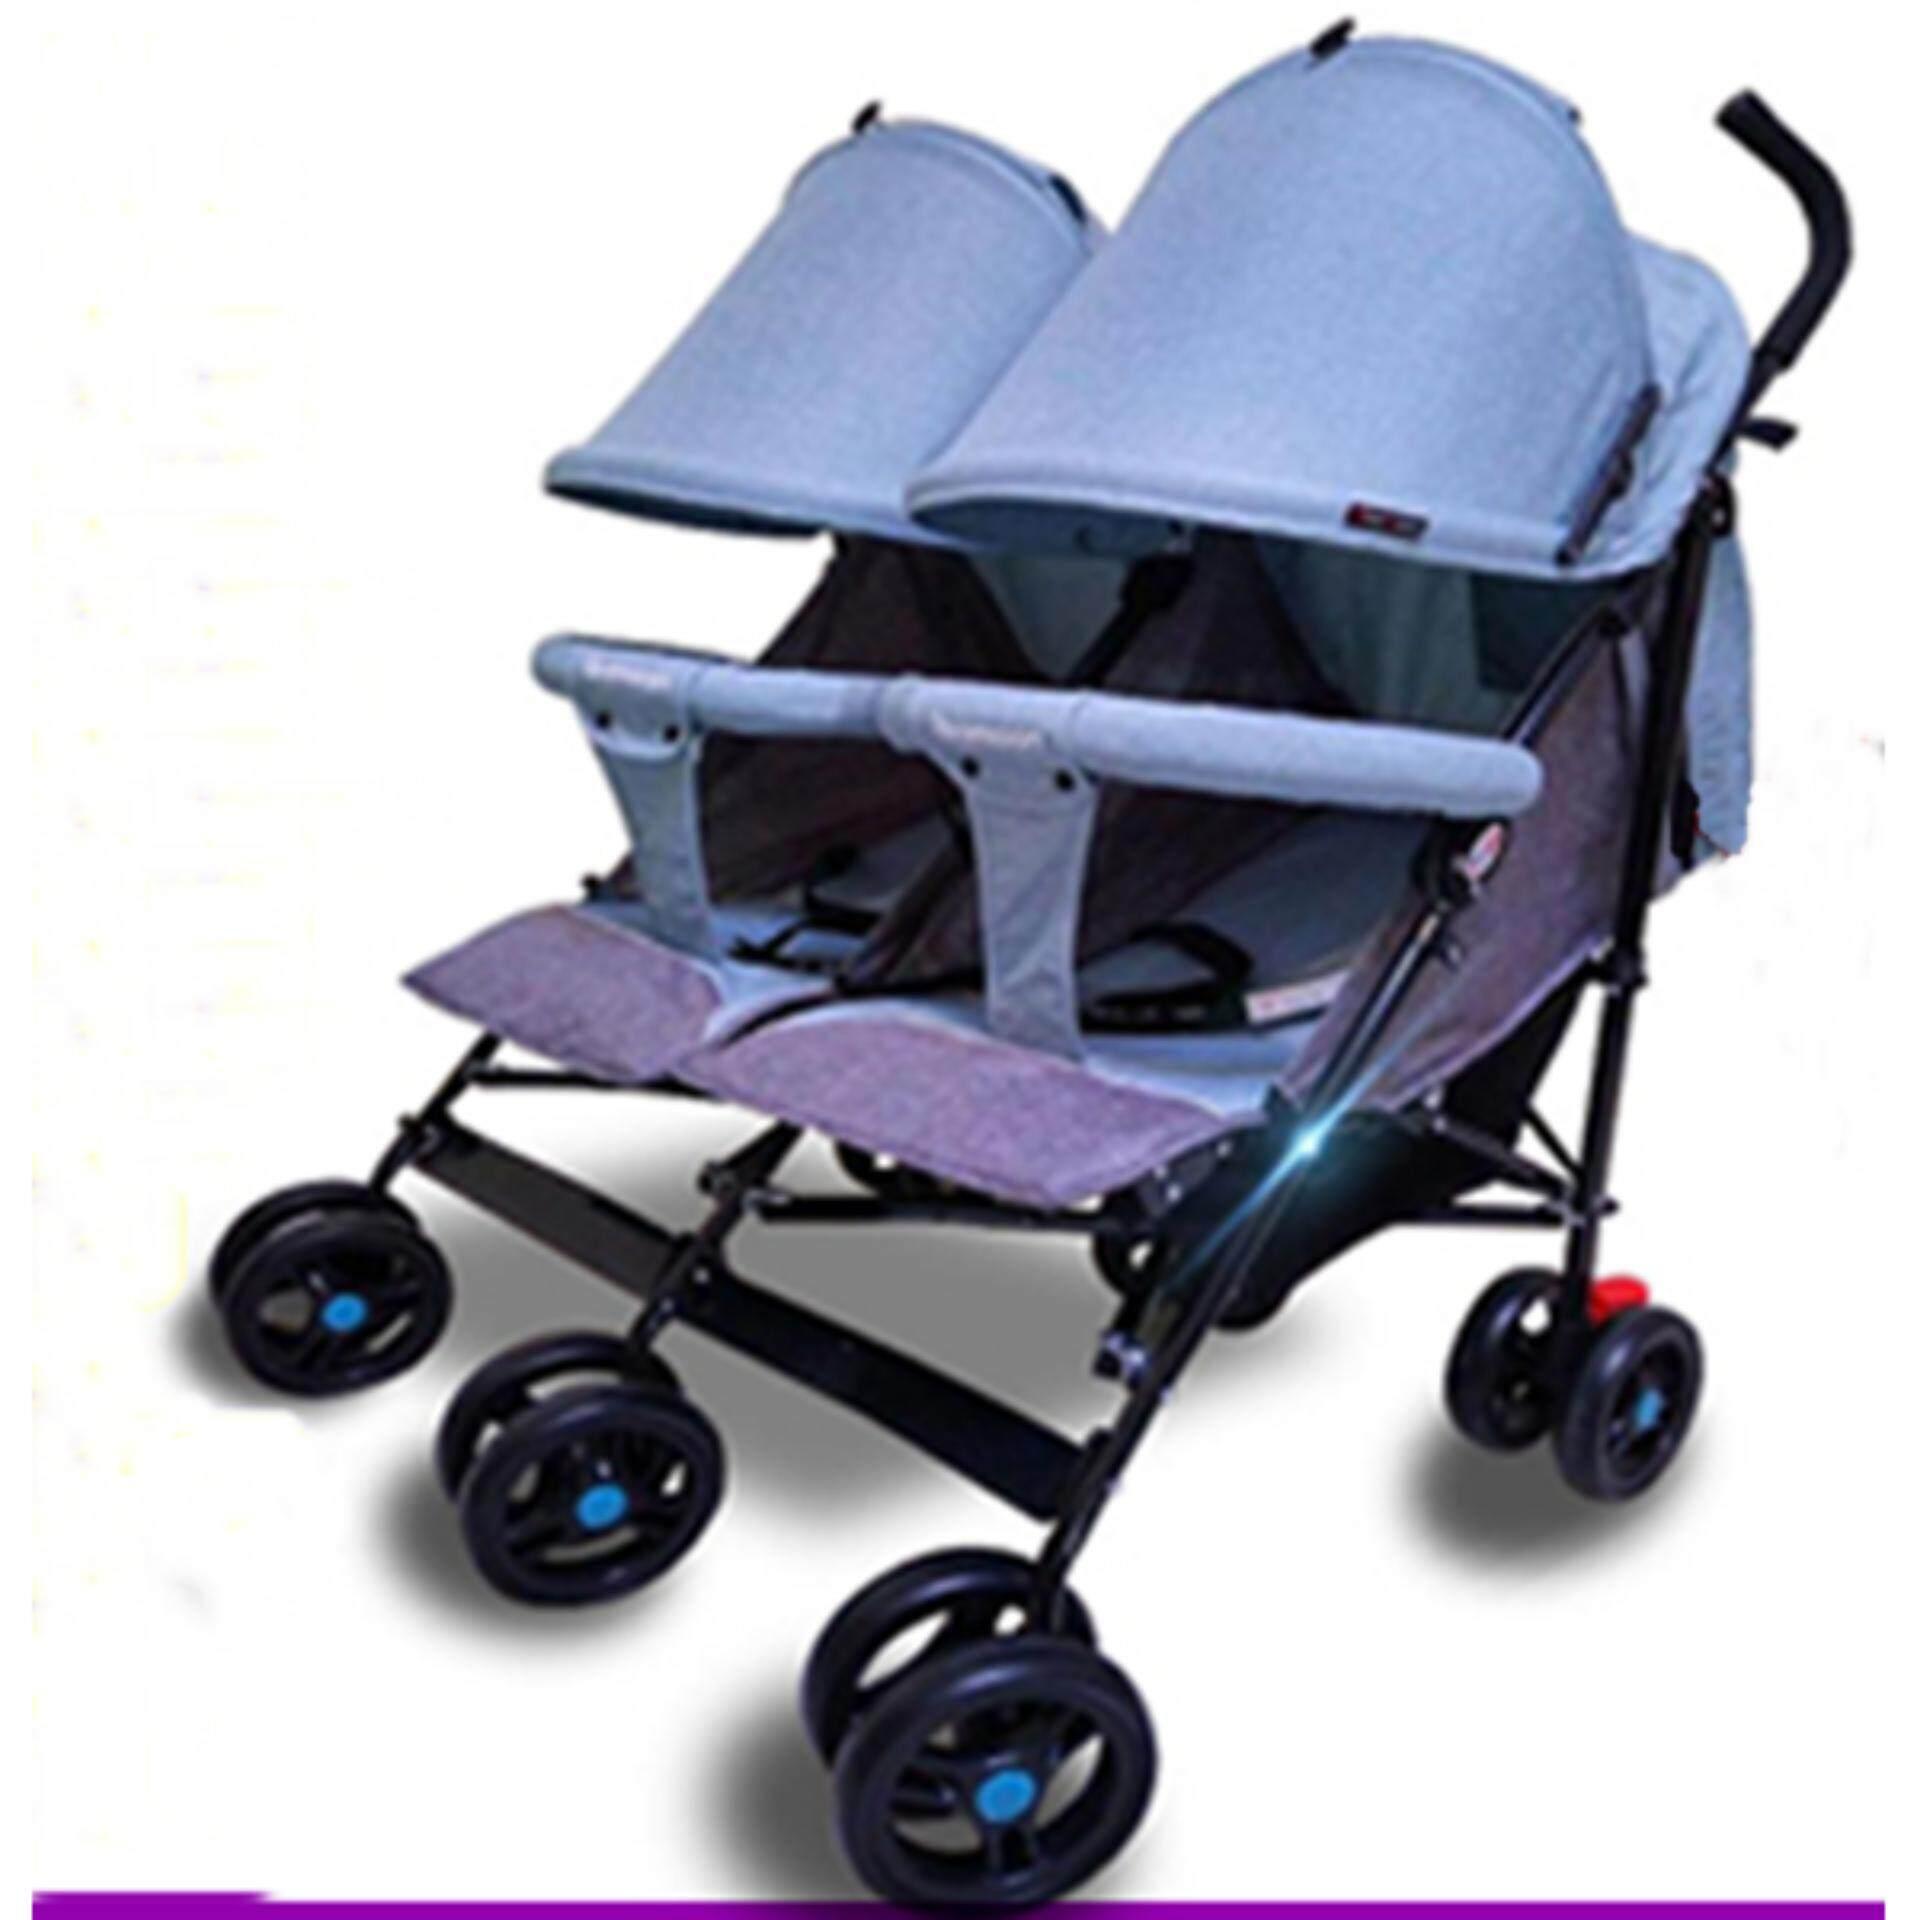 ขายดีอันดับ 1 Babybox อุปกรณ์เสริมรถเข็นเด็ก มุ้งครอบรถเข็นเด็กกันยุง ยอดขายอันดับ 1